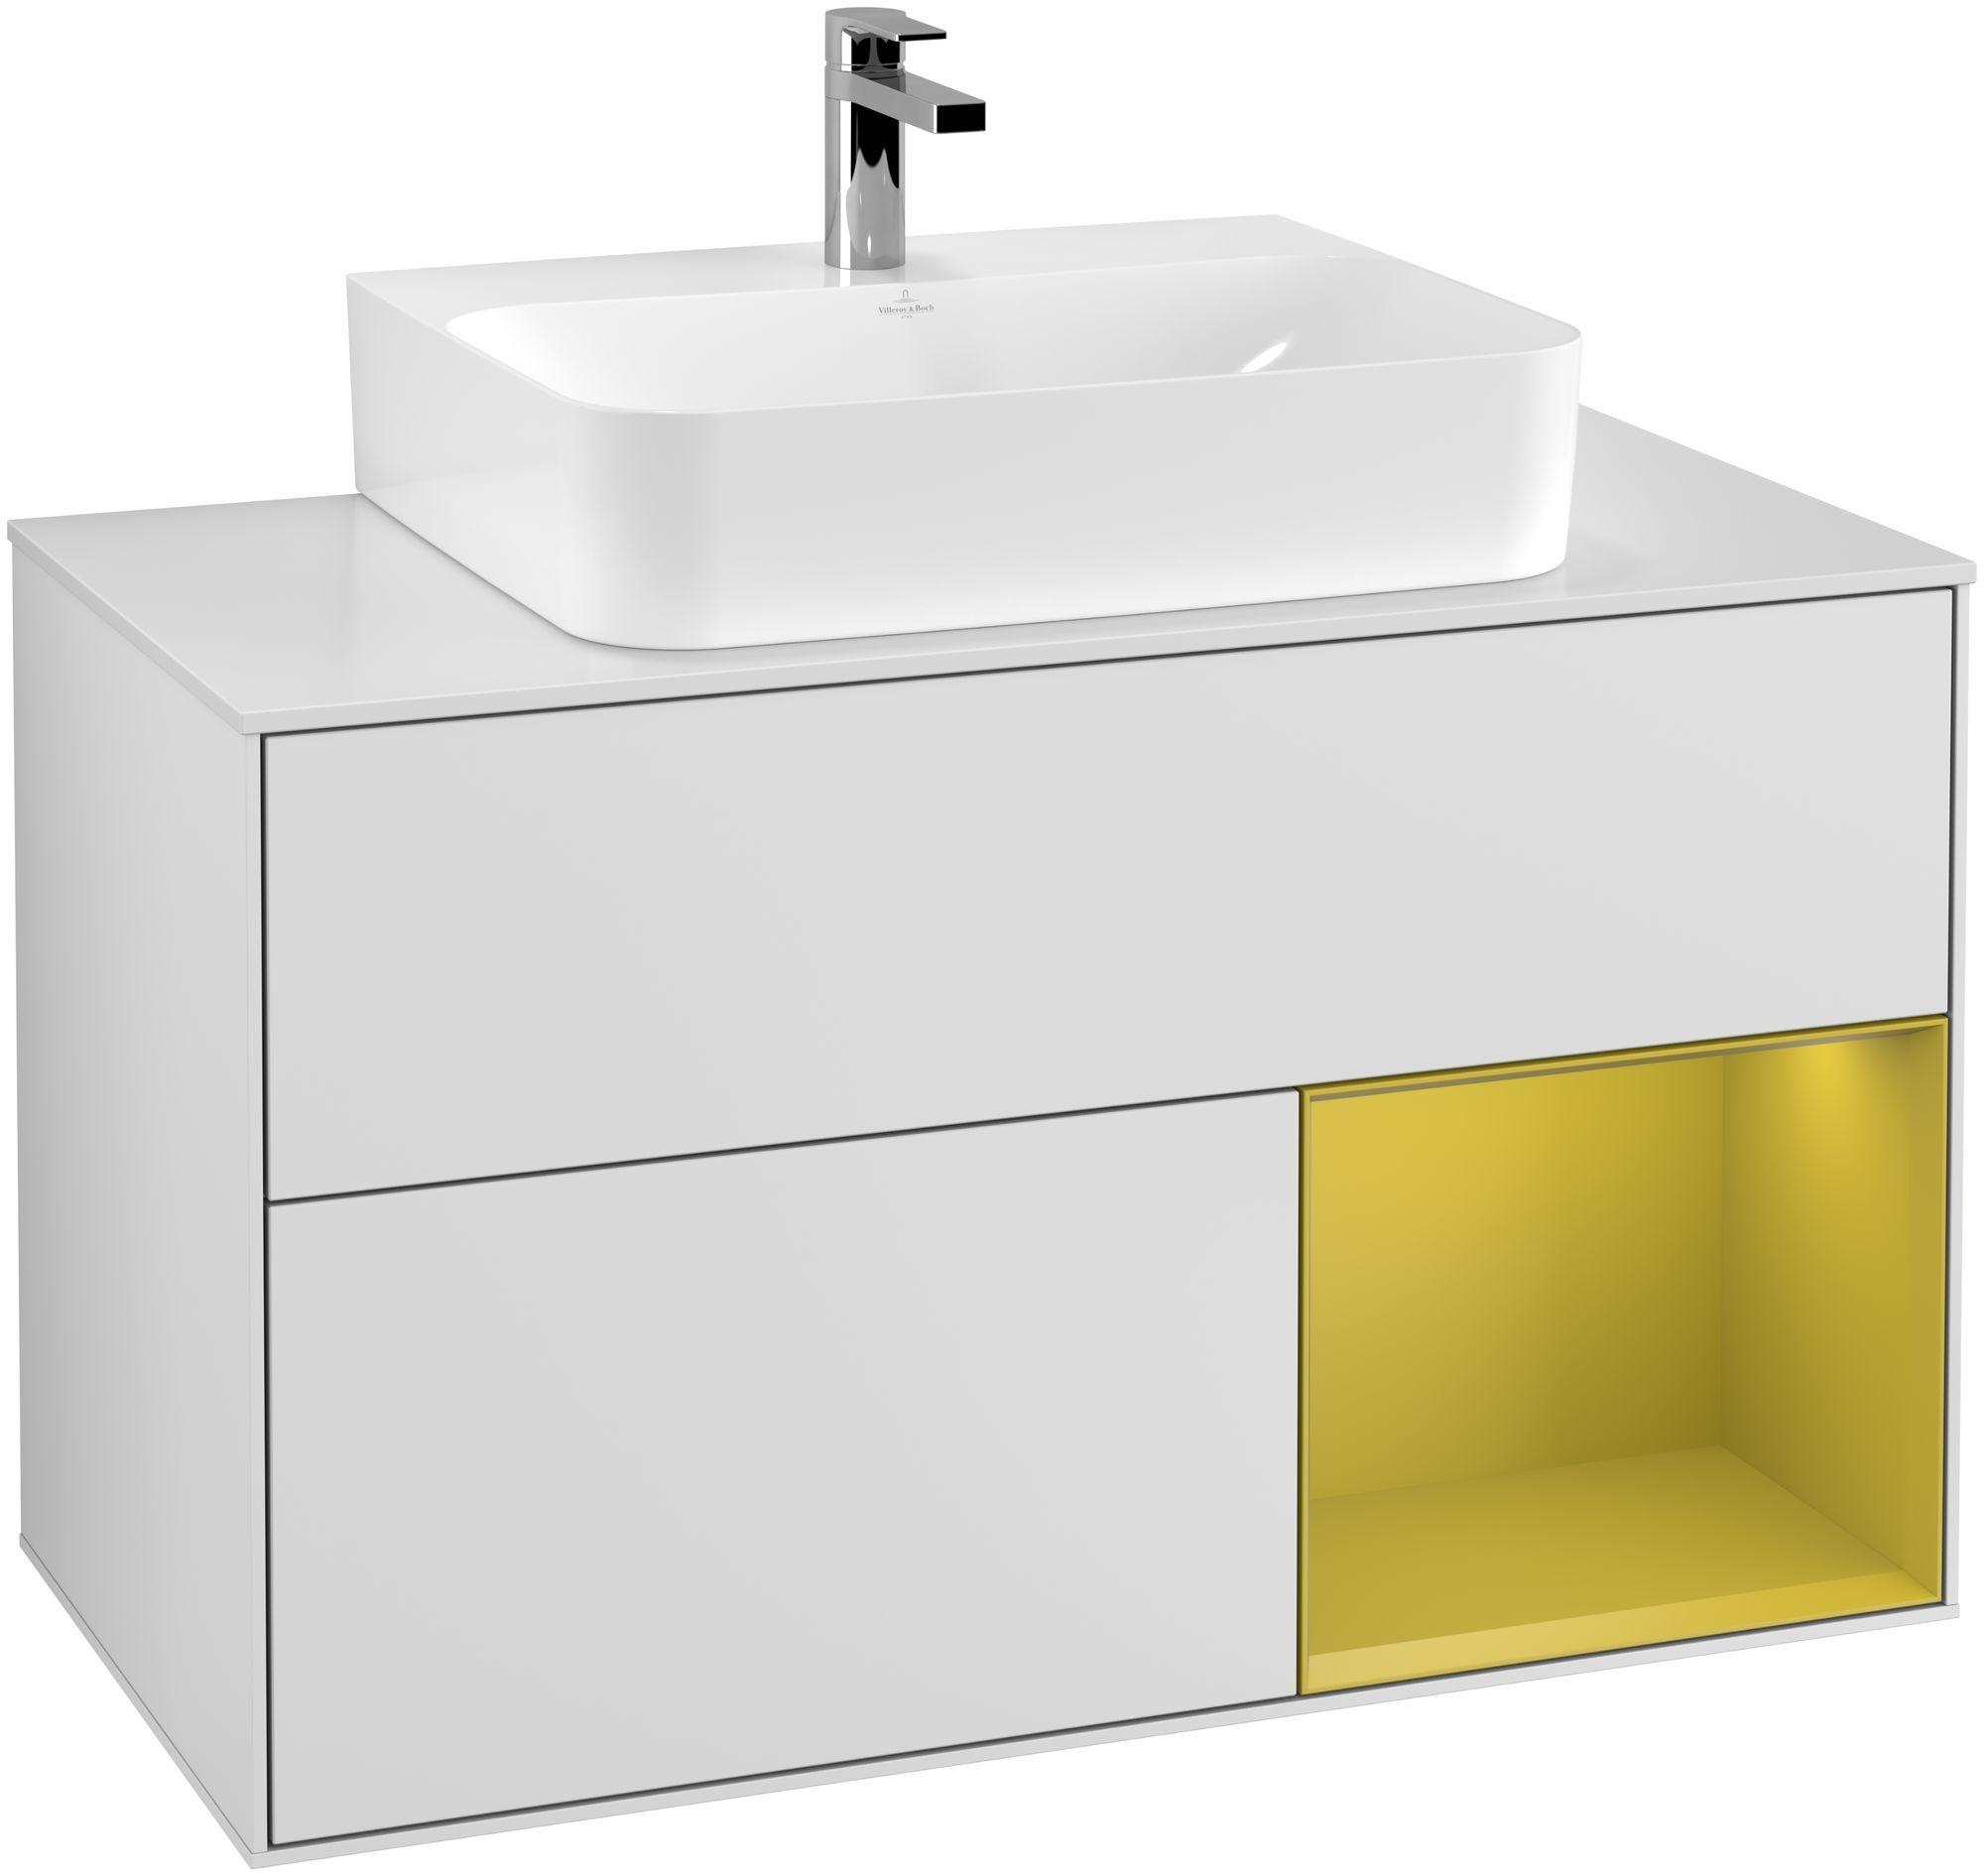 Villeroy & Boch Finion G12 Waschtischunterschrank mit Regalelement 2 Auszüge für WT mittig LED-Beleuchtung B:100xH:60,3xT:50,1cm Front, Korpus: Weiß Matt Soft Grey, Regal: Sun, Glasplatte: White Matt G121HEMT